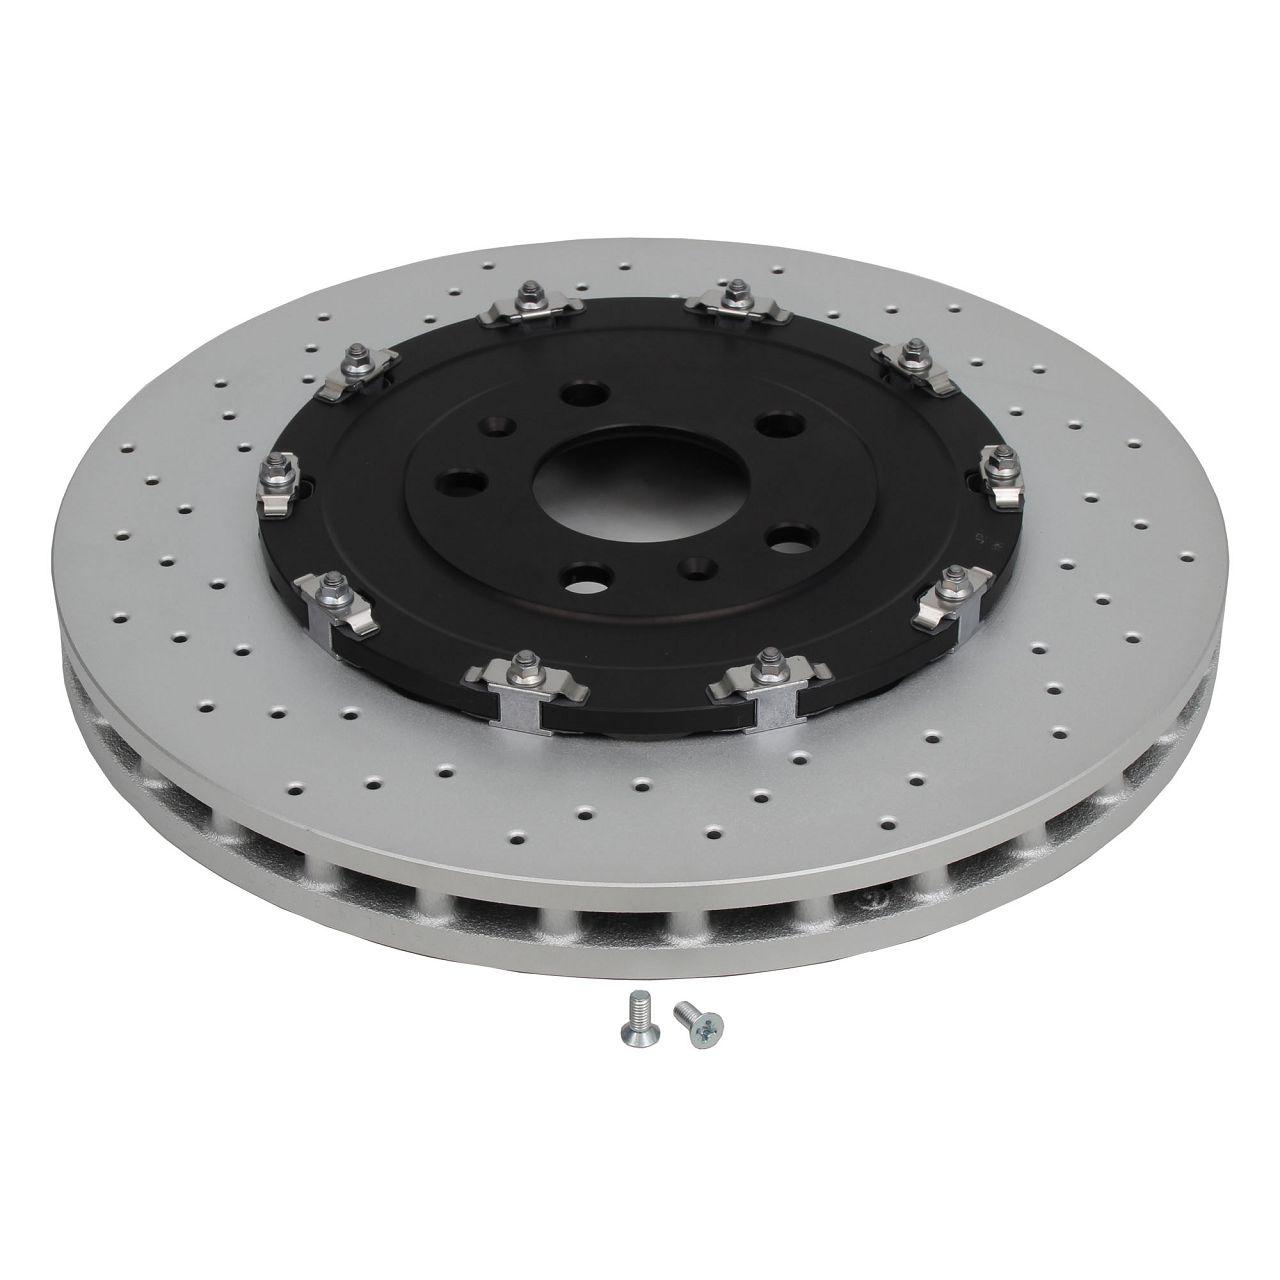 Bremsen BREMBO Bremsscheiben + ZIMMERMANN Bremsbeläge für AUDI RS4 (8E B7) vorne